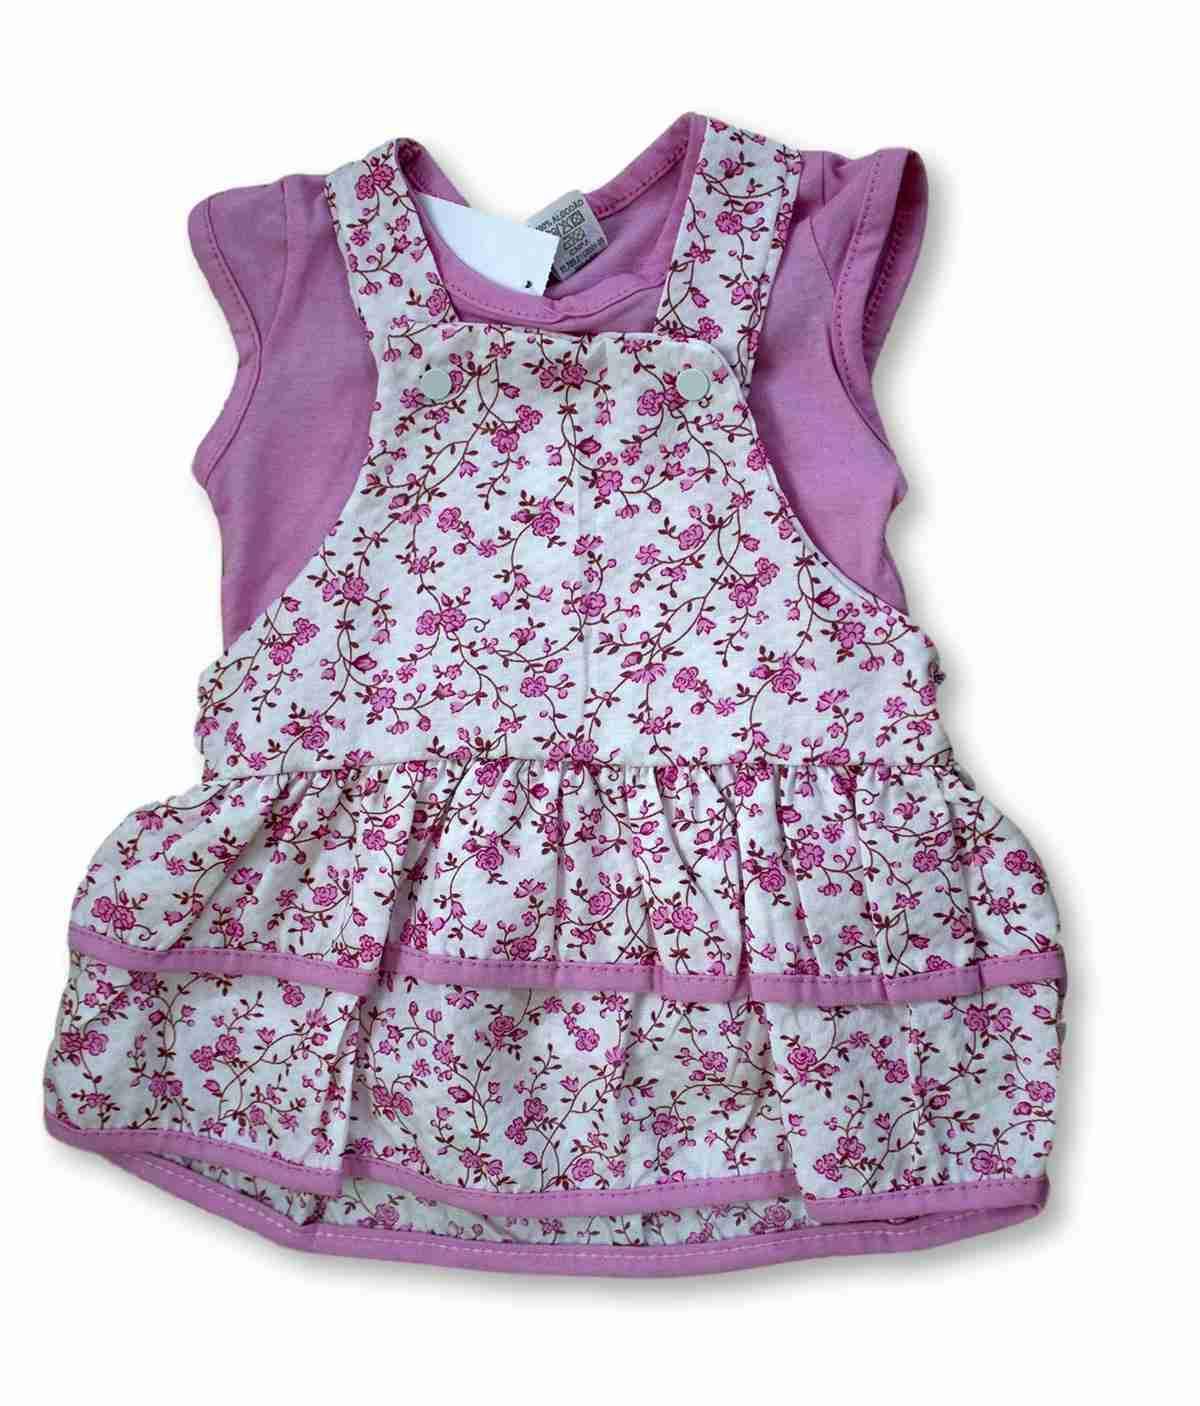 Vestido Bebê Recém Nascido Feminino Menina Cod 9061